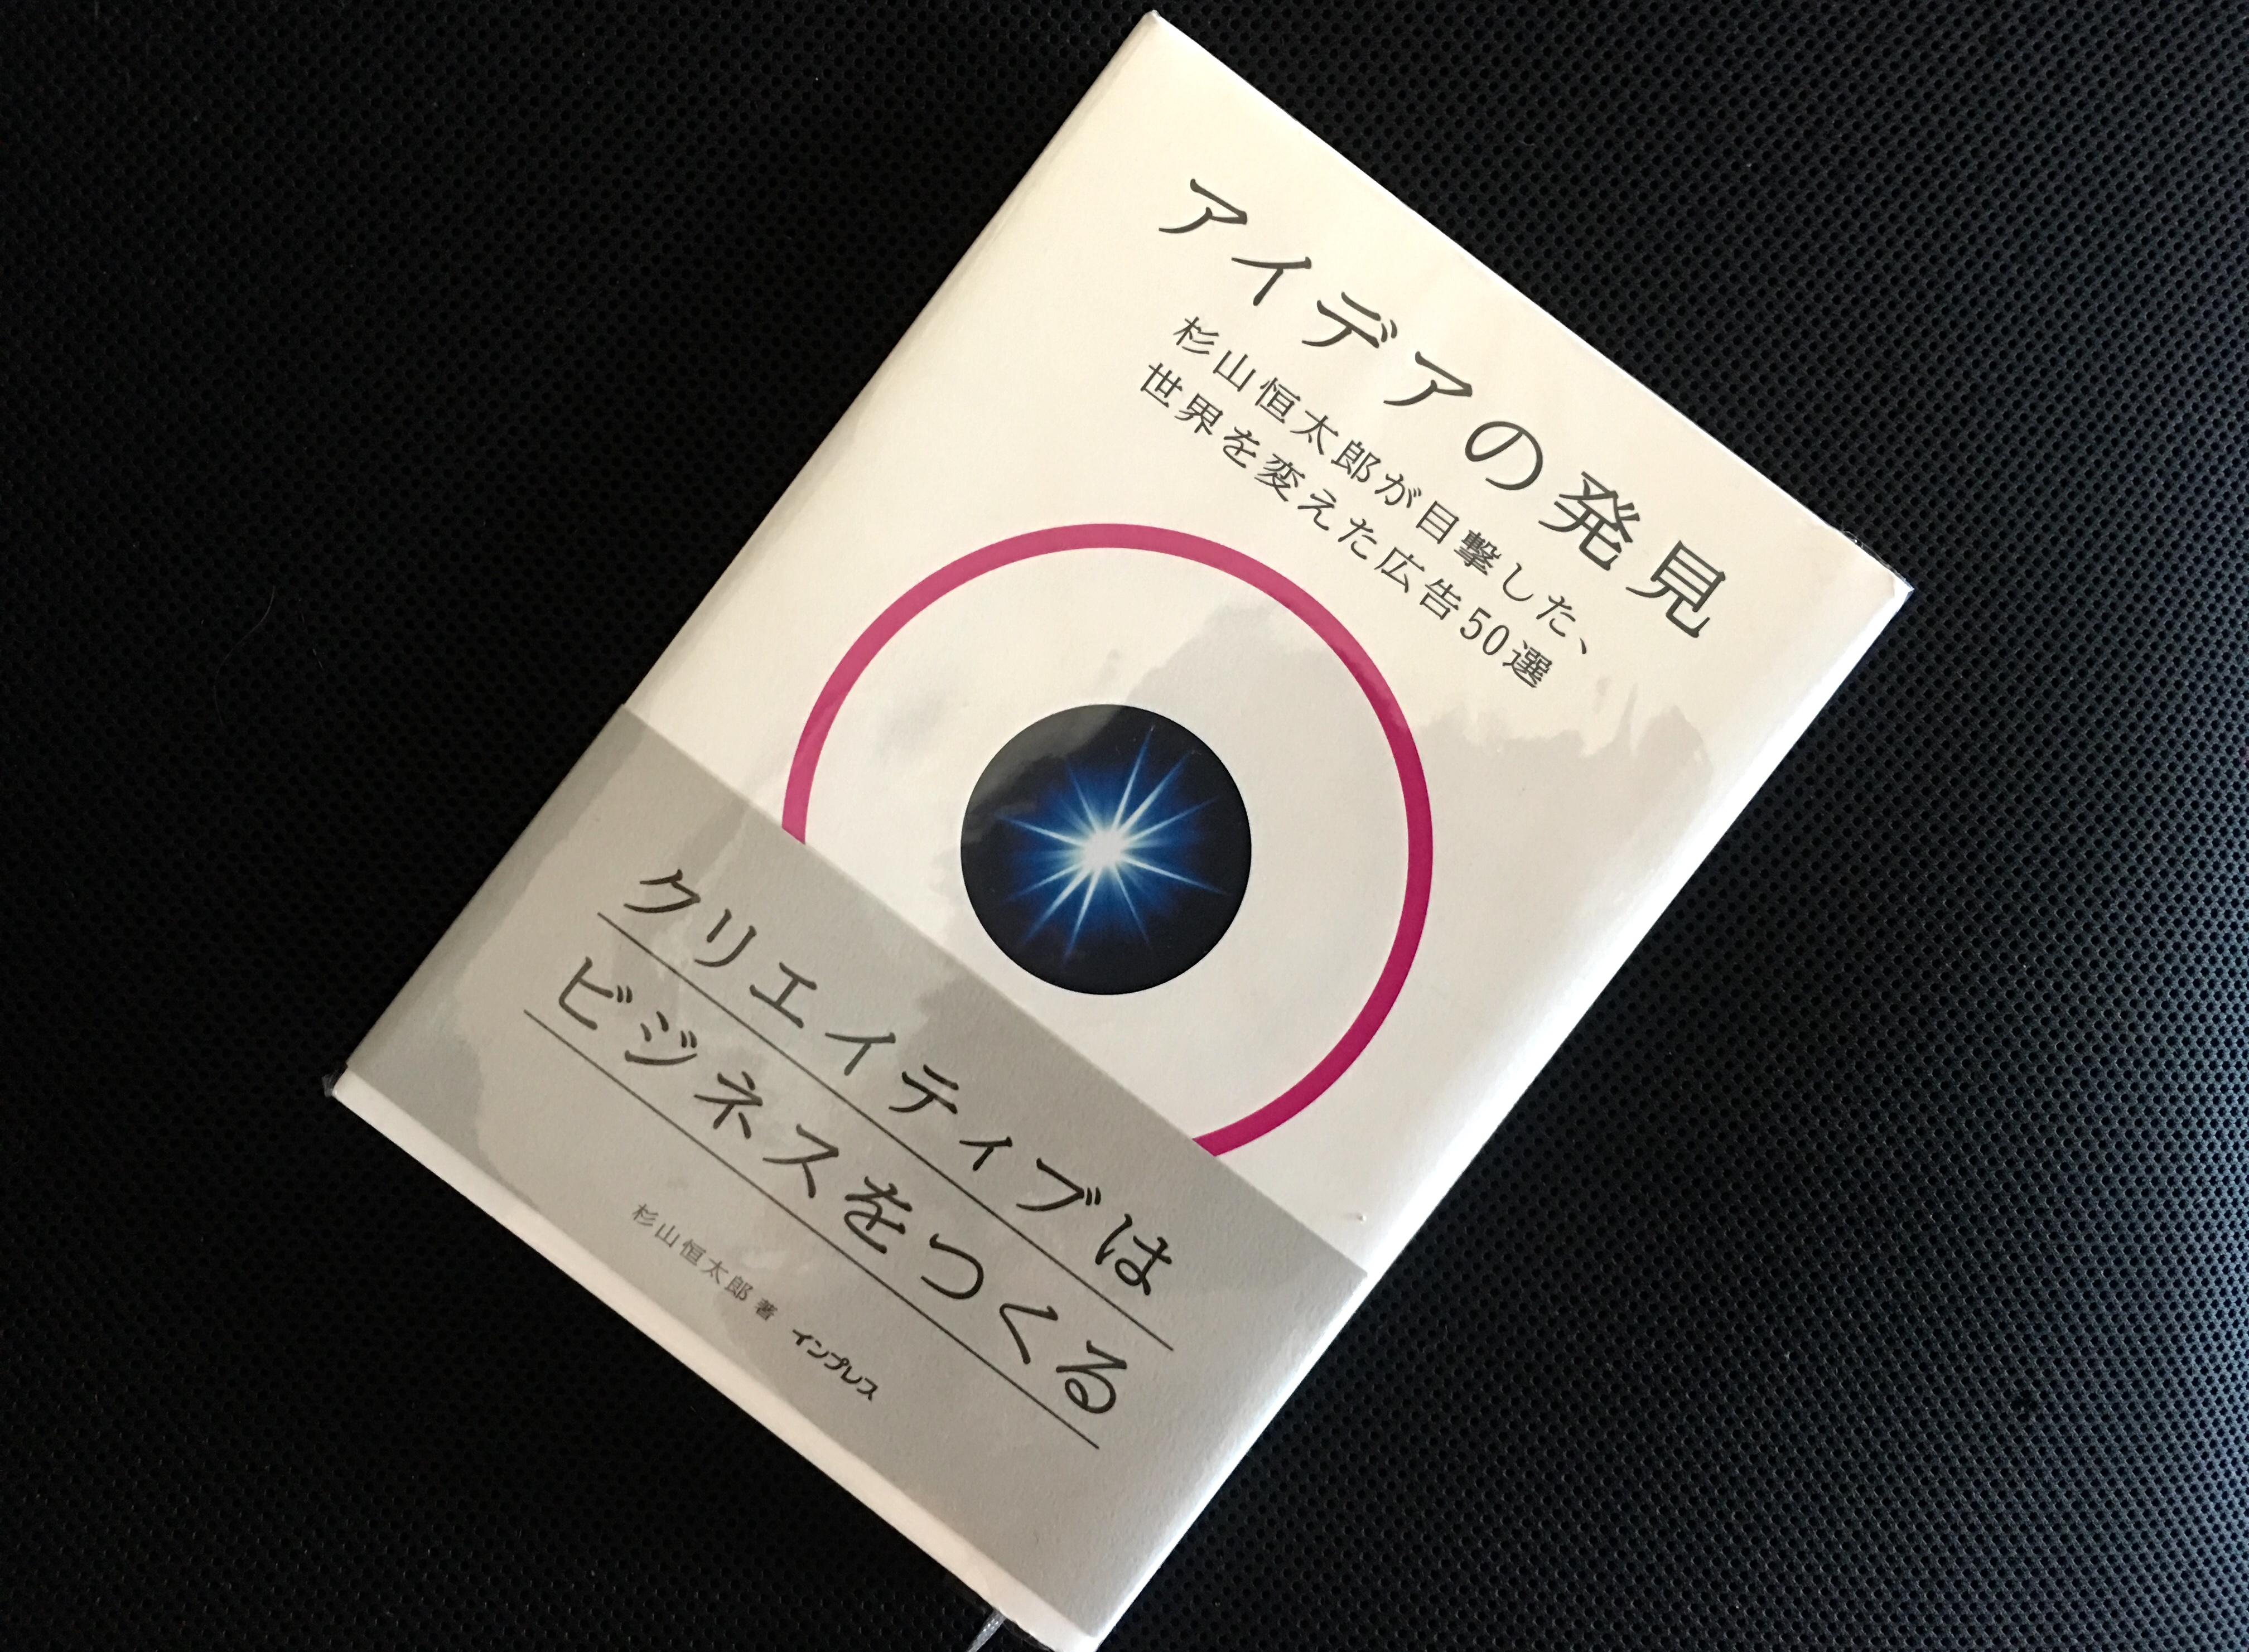 アイデアの発見〜杉山恒太郎が目撃した世界を変えた広告50選〜